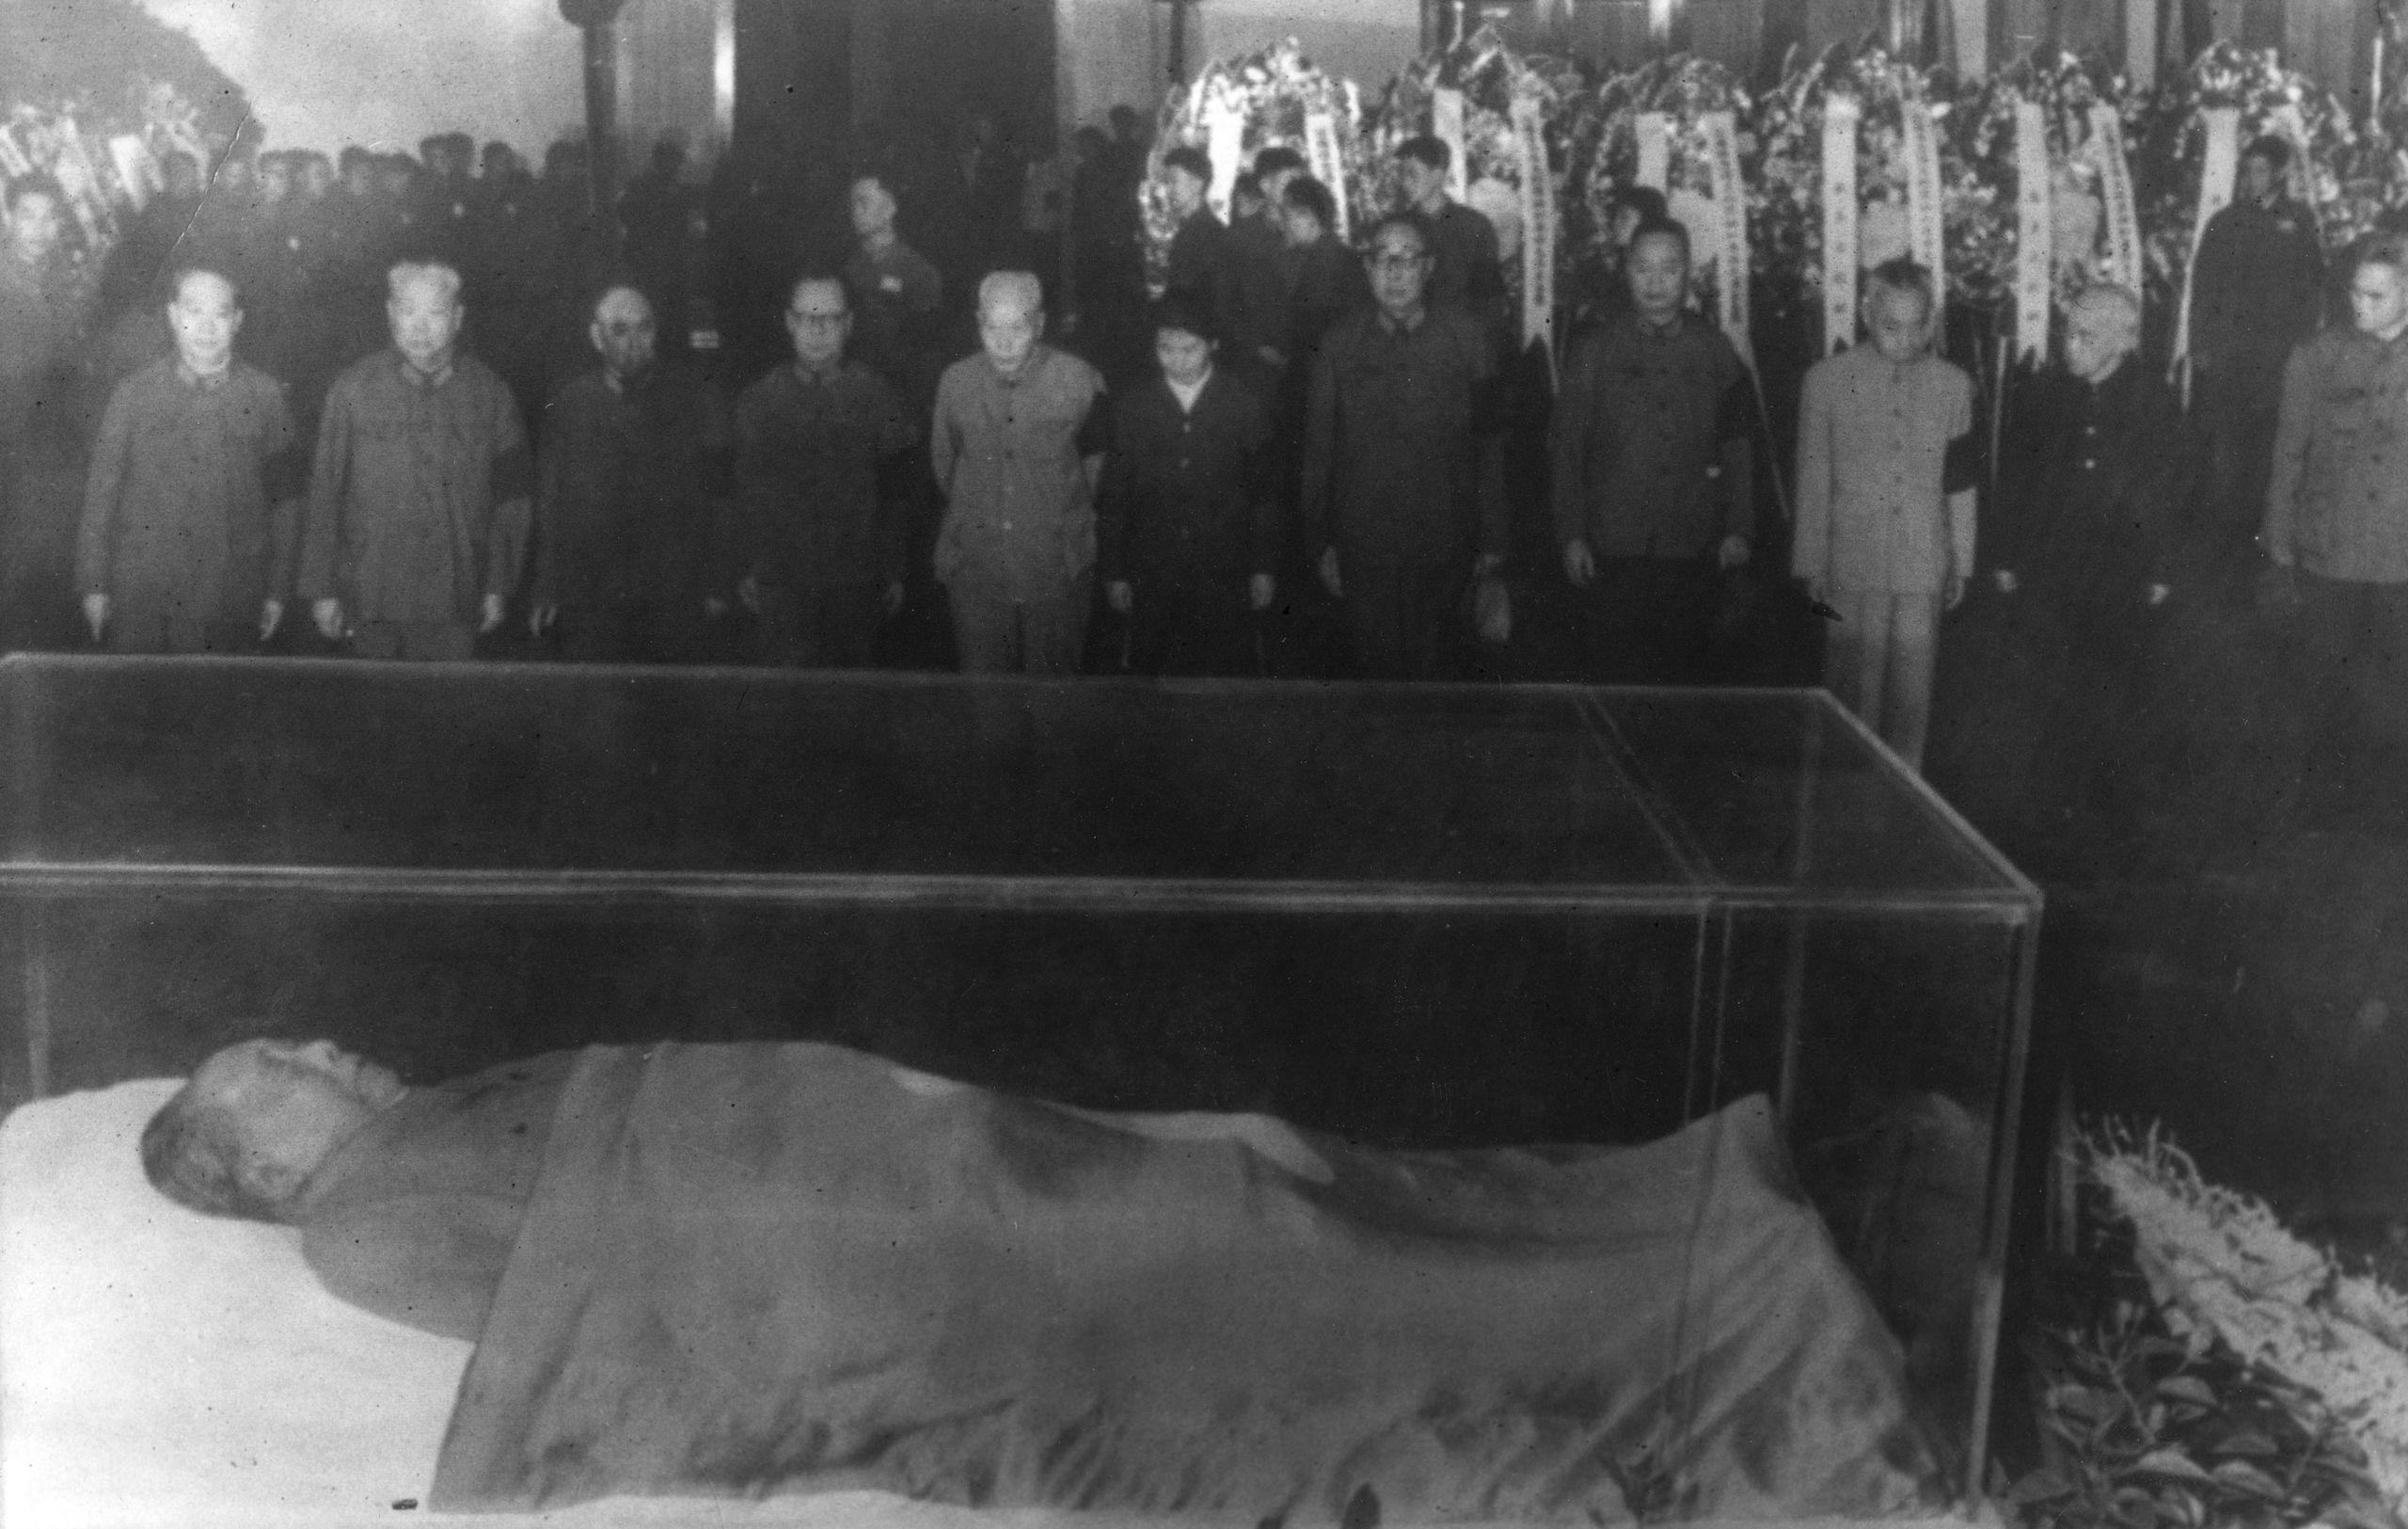 cadaver-maobeijing1976.jpg